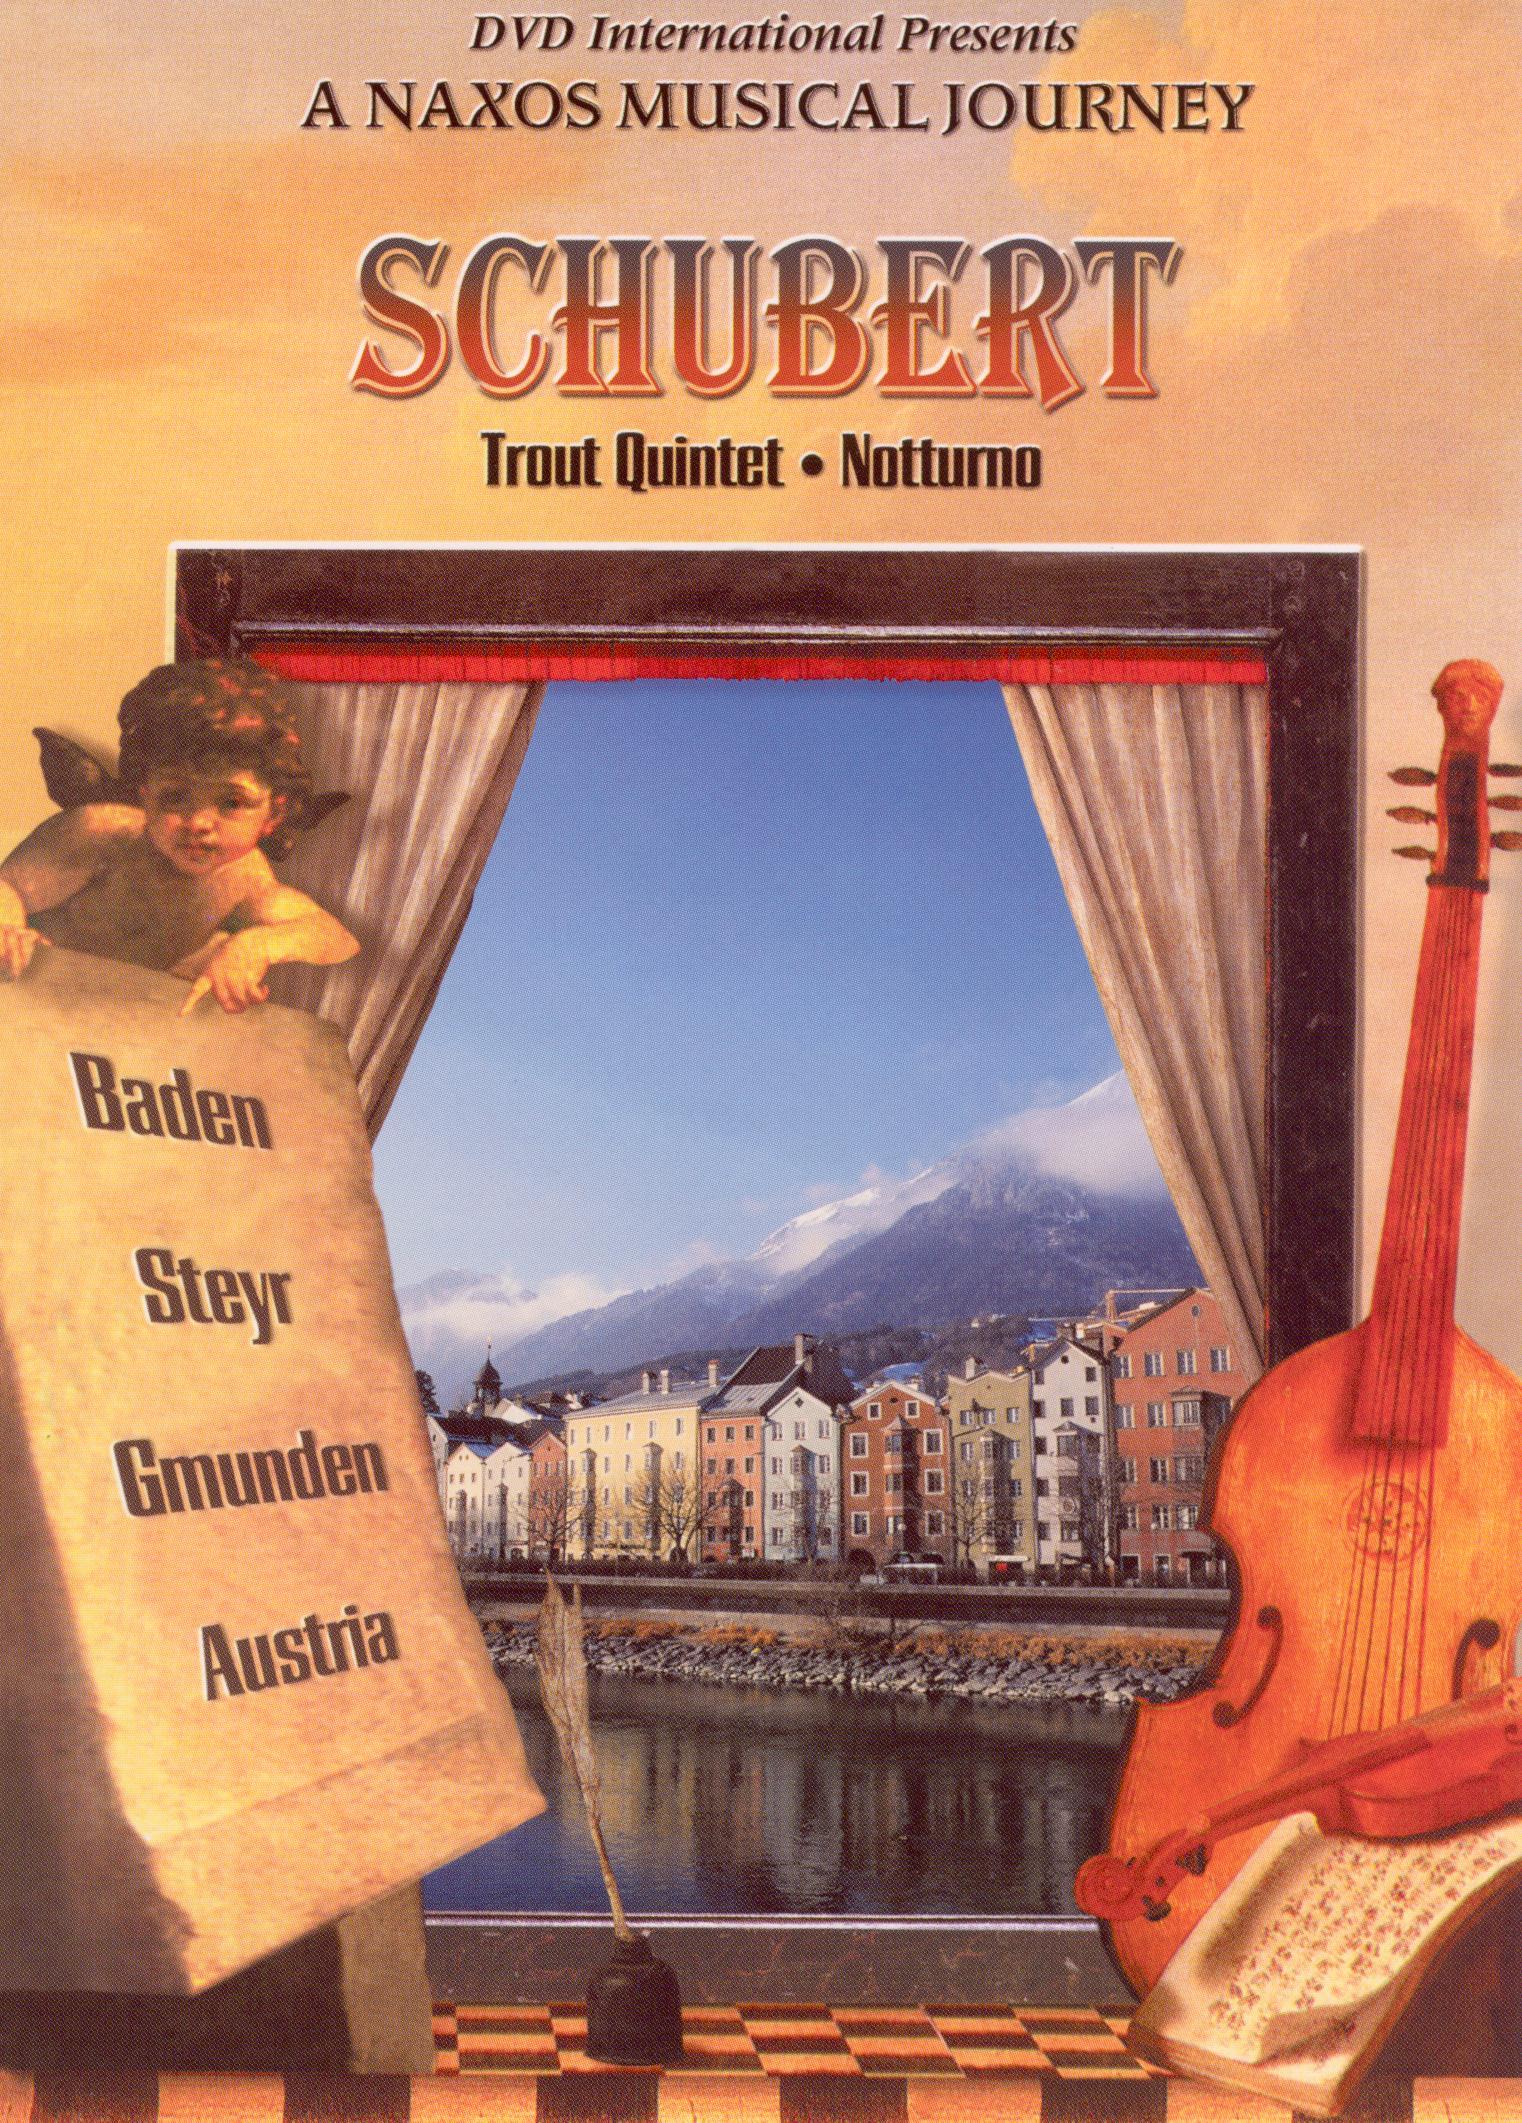 A Naxos Musical Journey: Schubert - Trout Quintet - Notturno